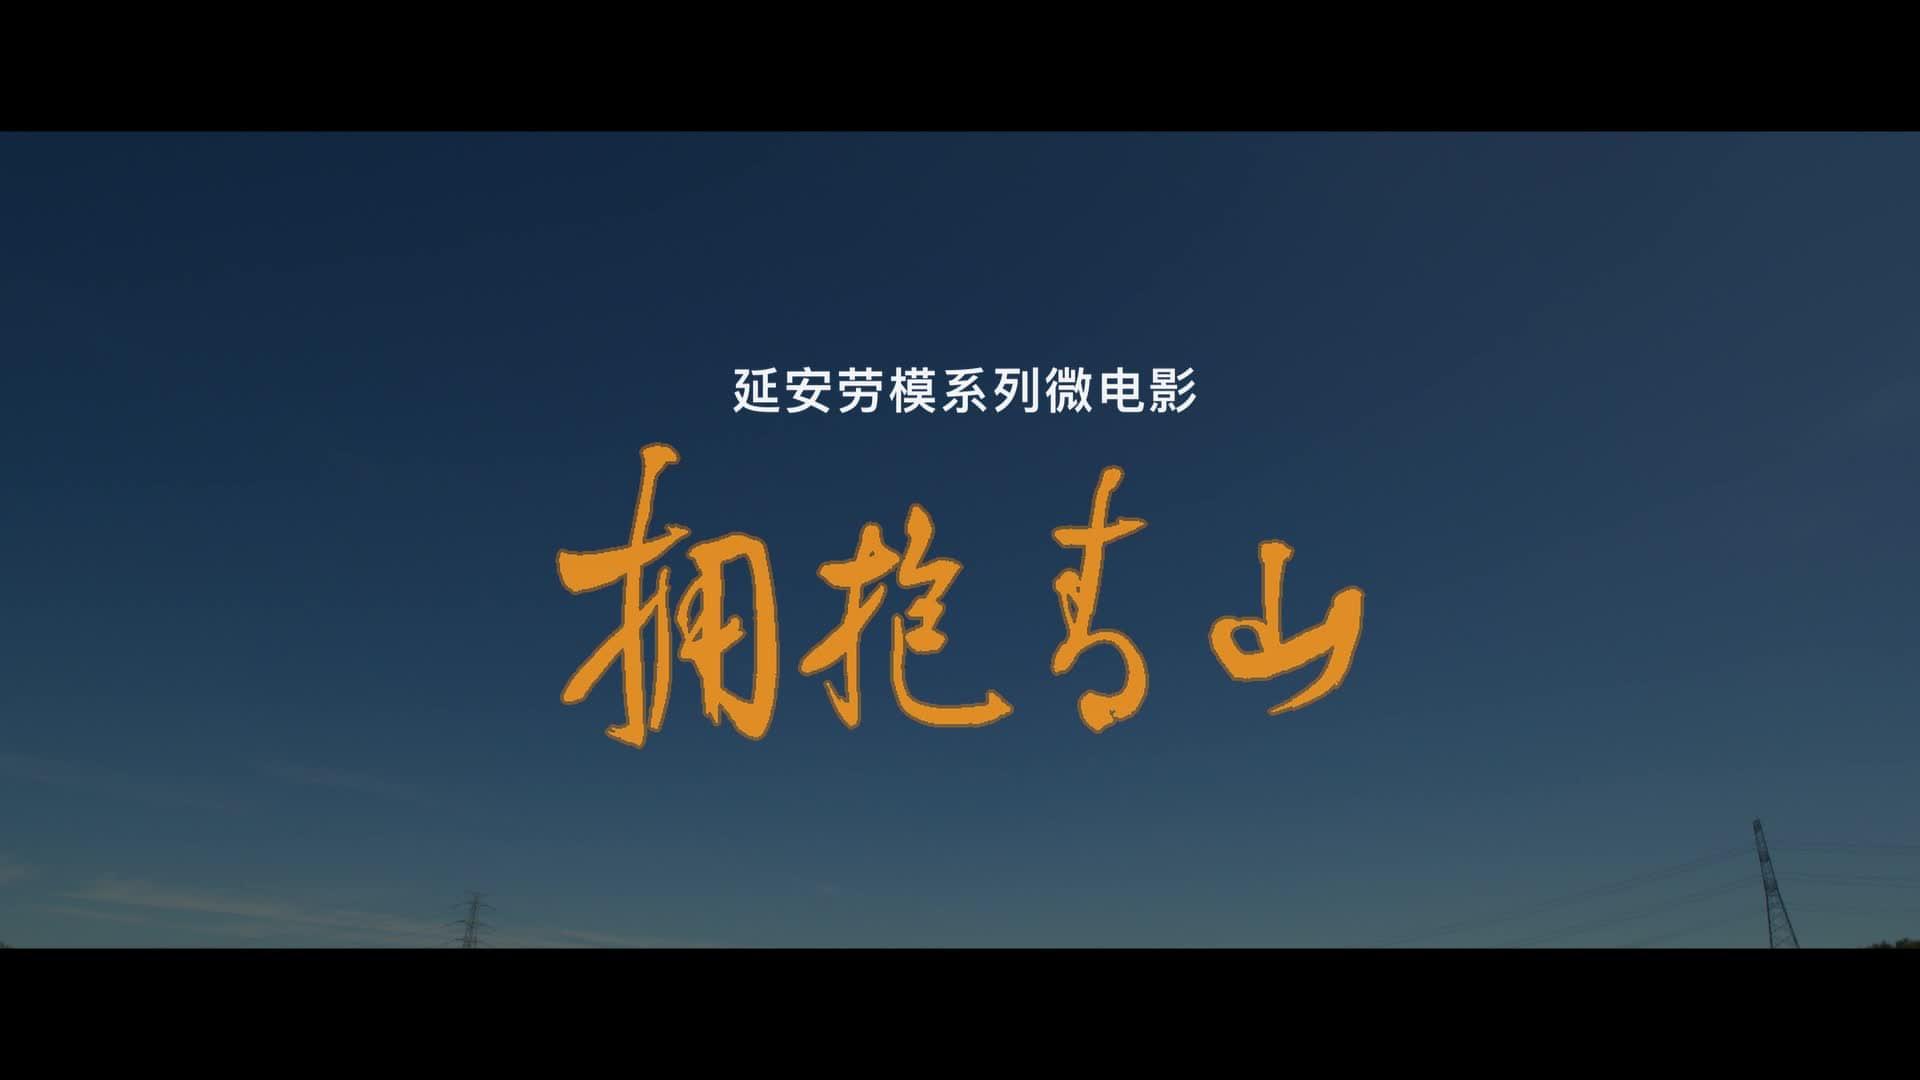 延安劳模系列微电影《拥抱青山》